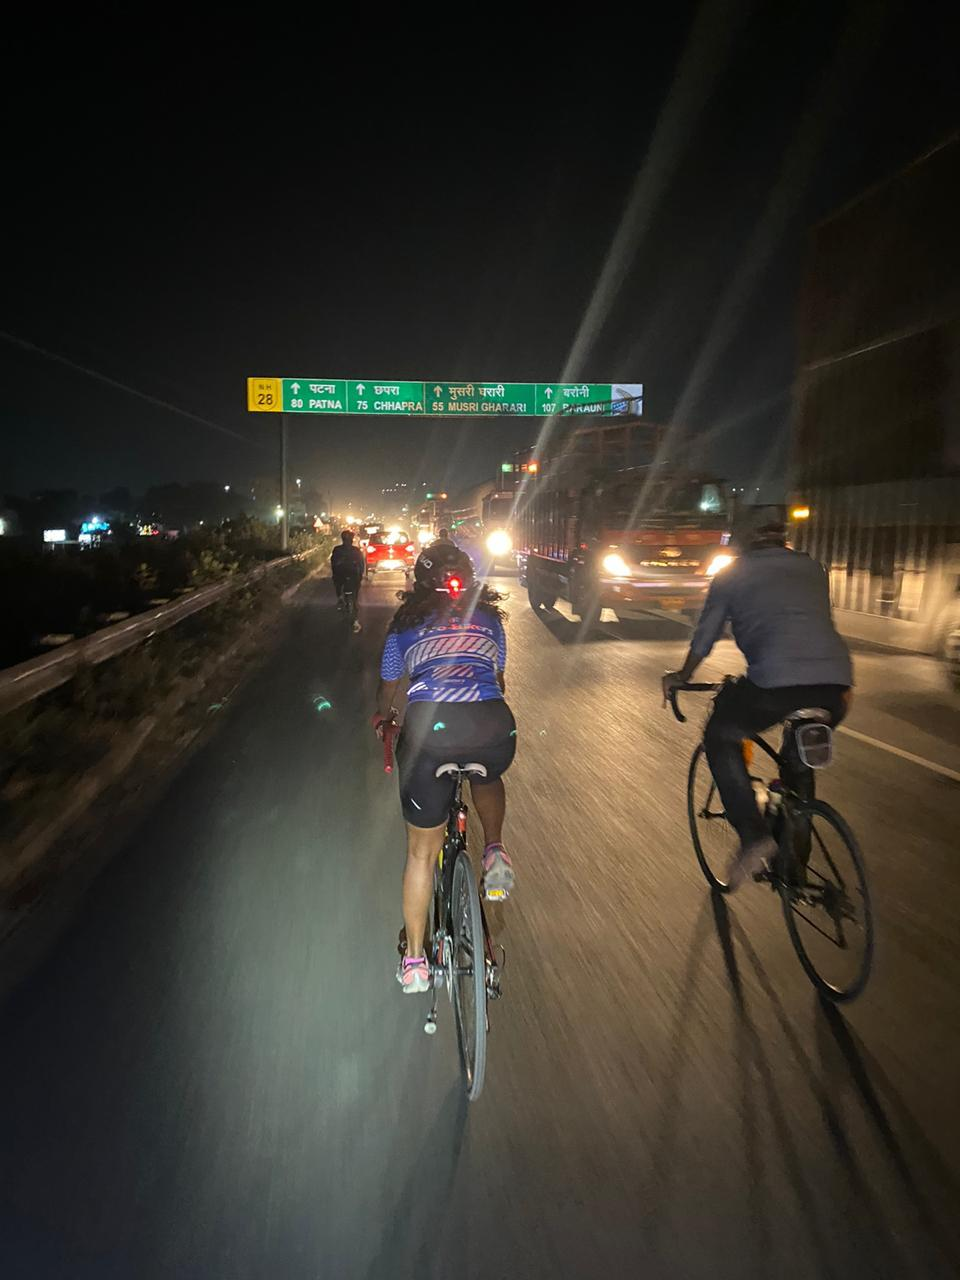 Grinshina Kartik riding in Bihar